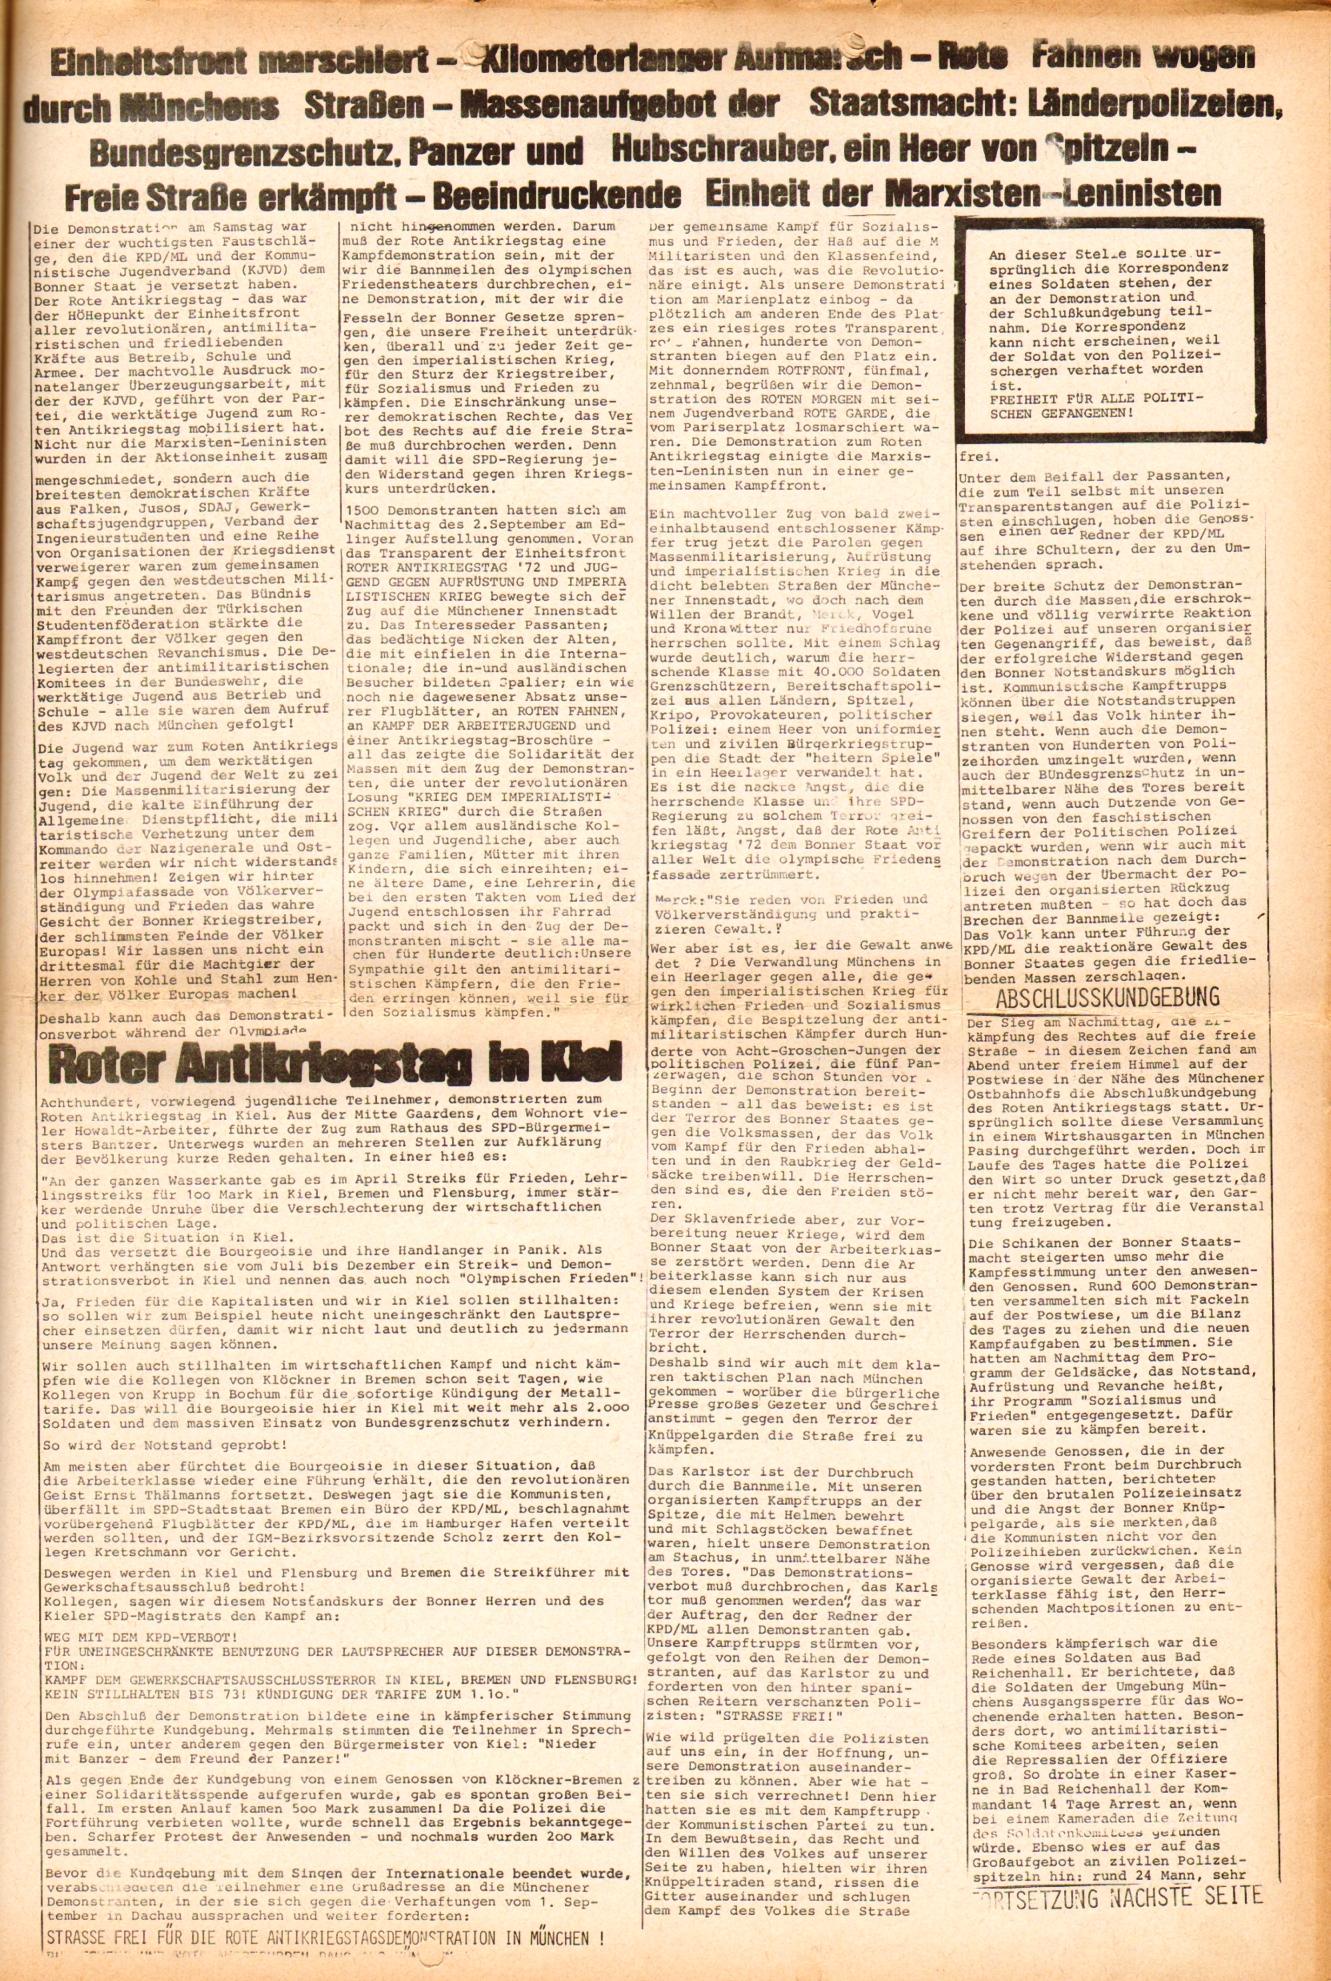 KJVD_KDAJ_1972_08_15